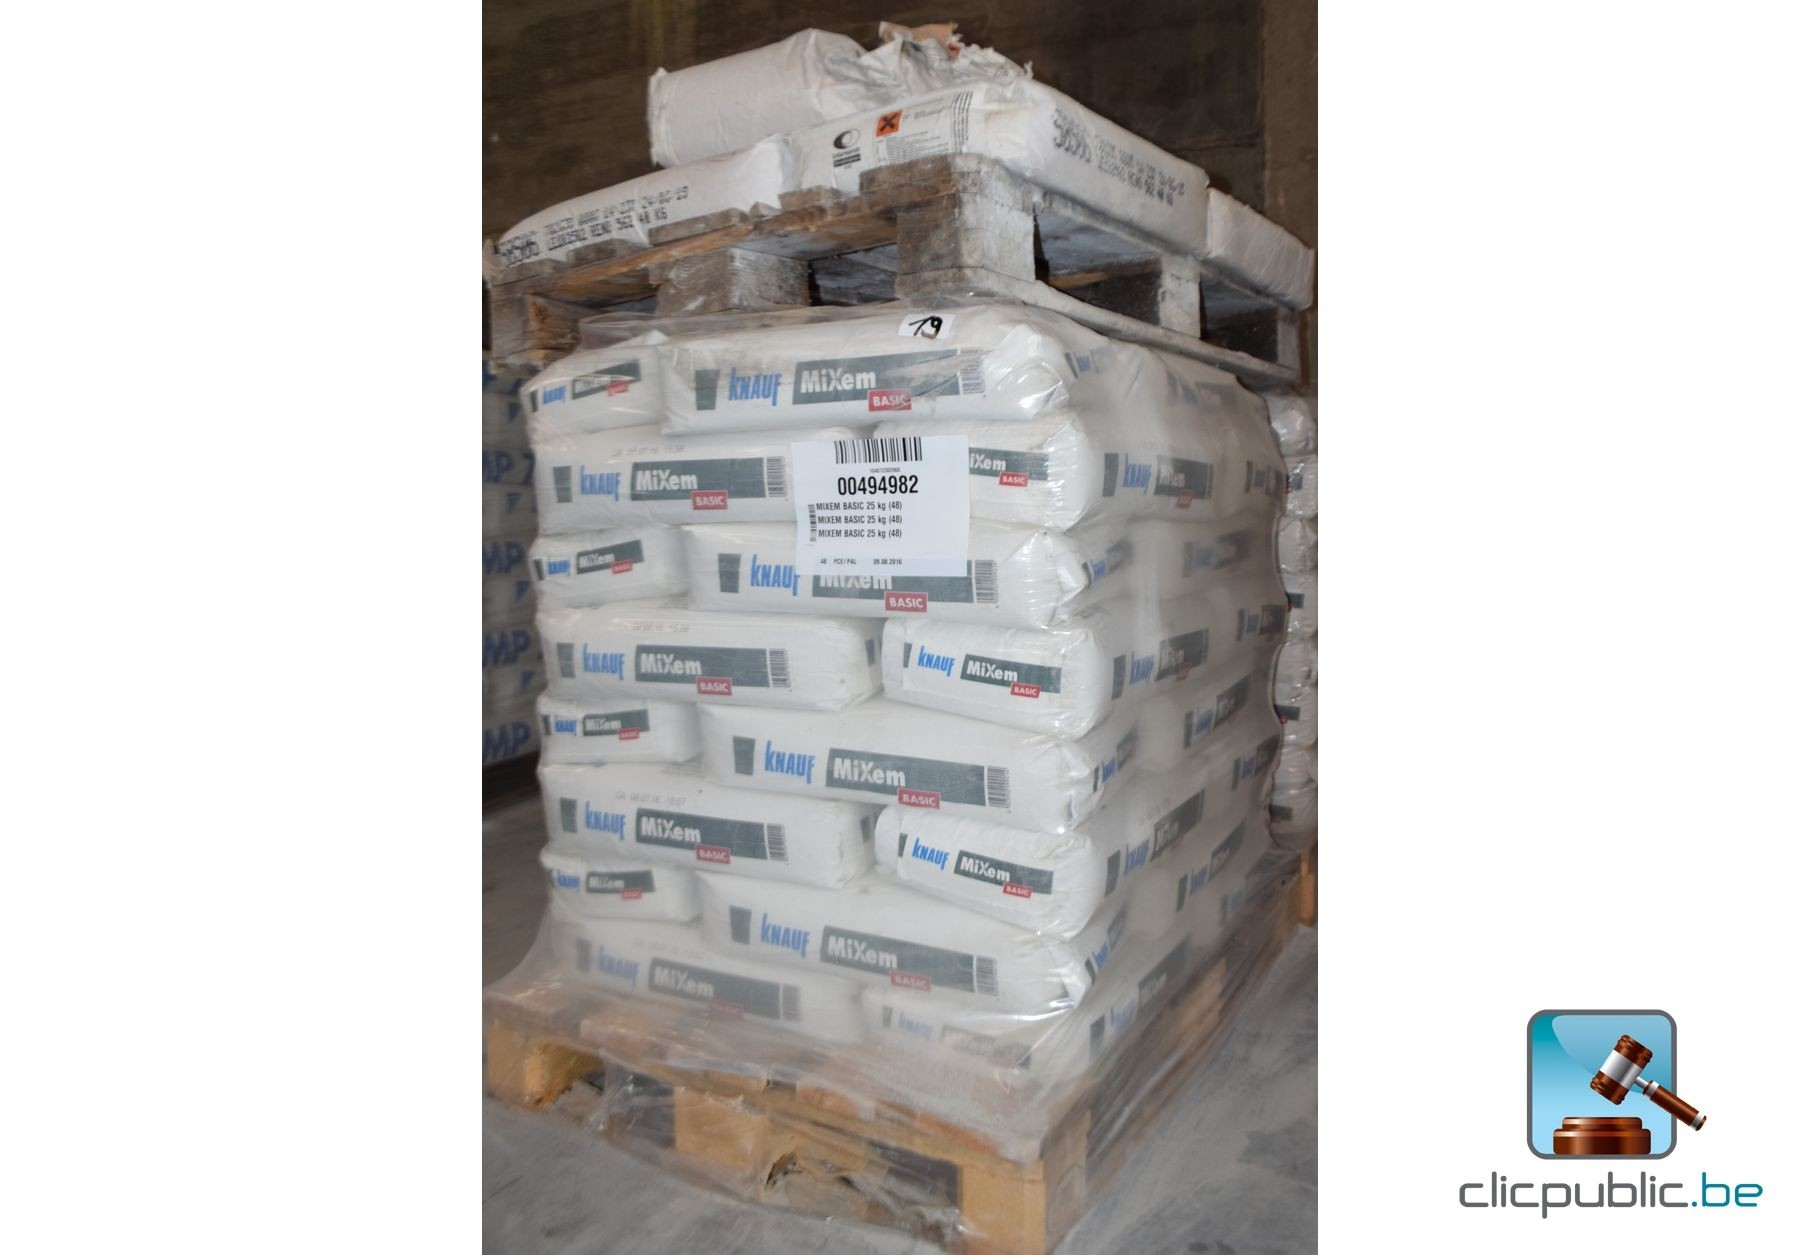 Sacs de ciment et de chaux knauf mixen basic ref 19 - Sac de chaux ...